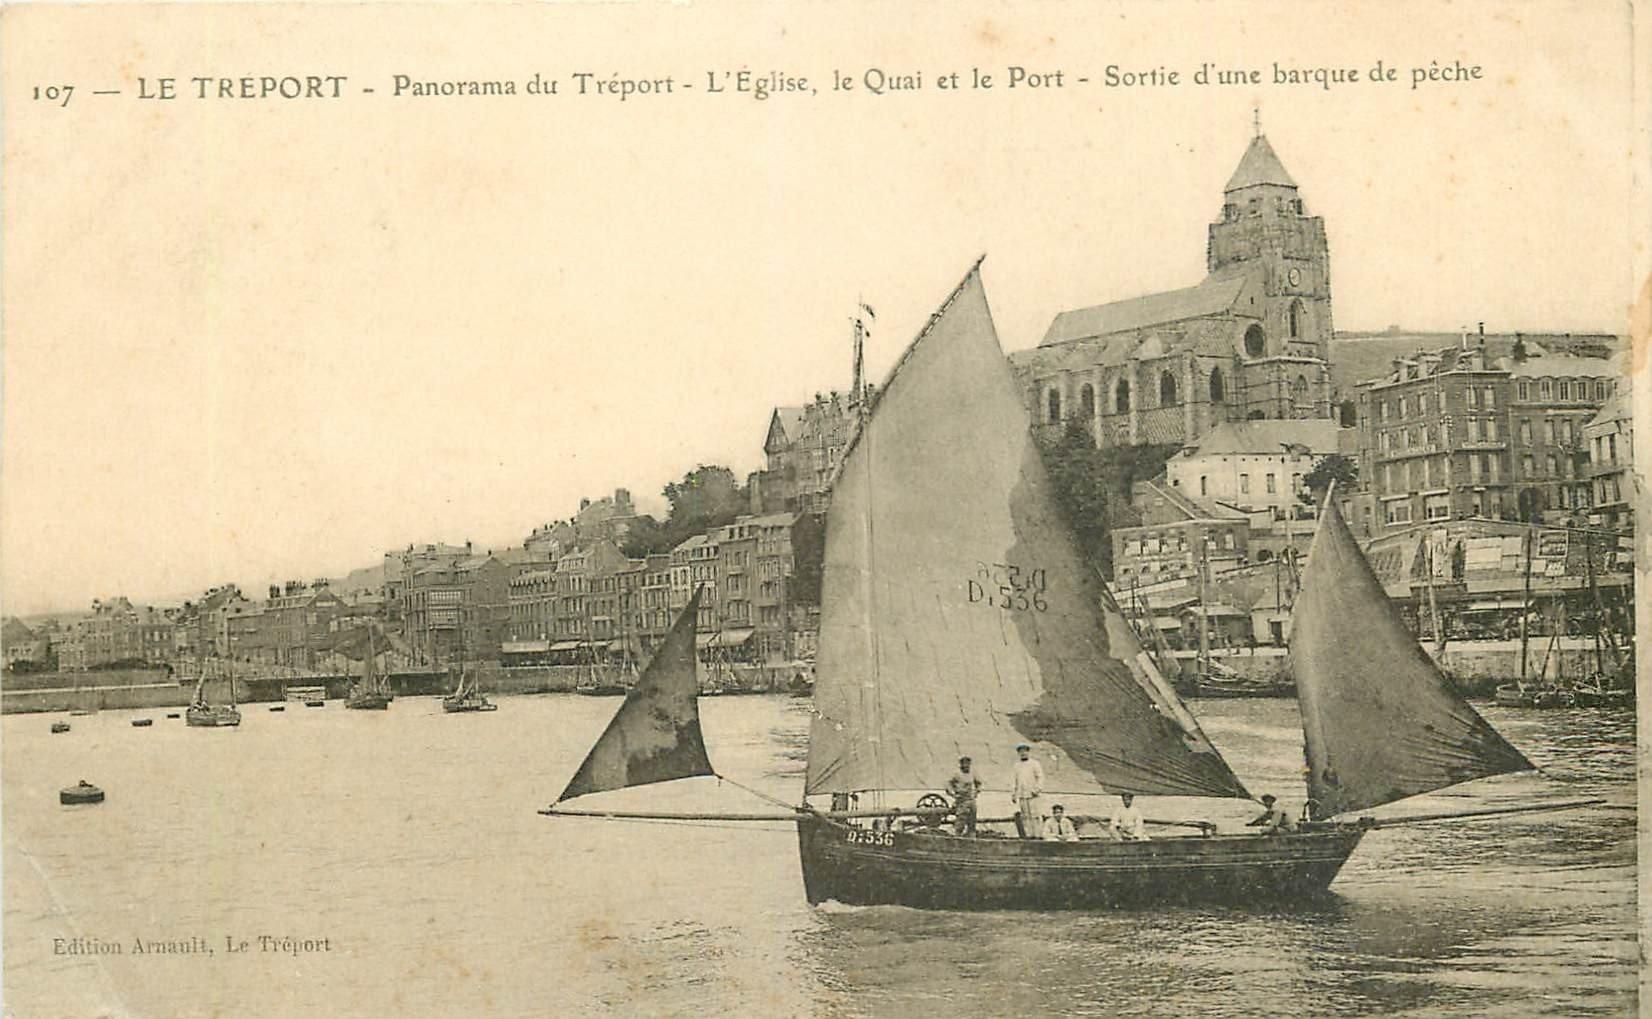 WW 76 LE TREPORT. Sortie d'une Barque de Pêche. Eglise Quai et Port